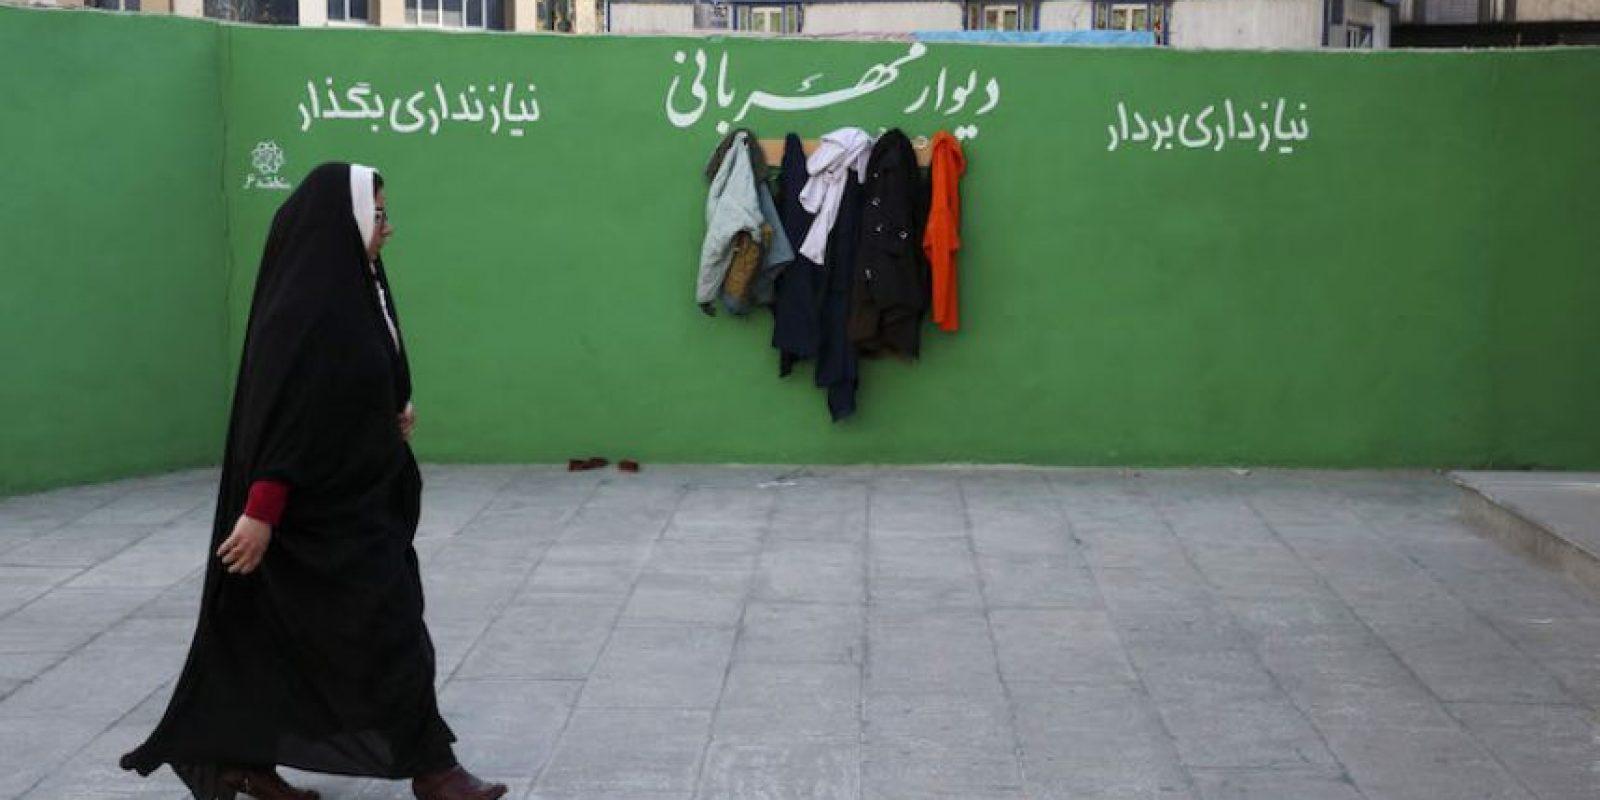 Una mujer iraní pasa junto a un muro con ropa colgada de ganchos en un muro benéfico con el mensaje Foto:AP. Imagen Por: